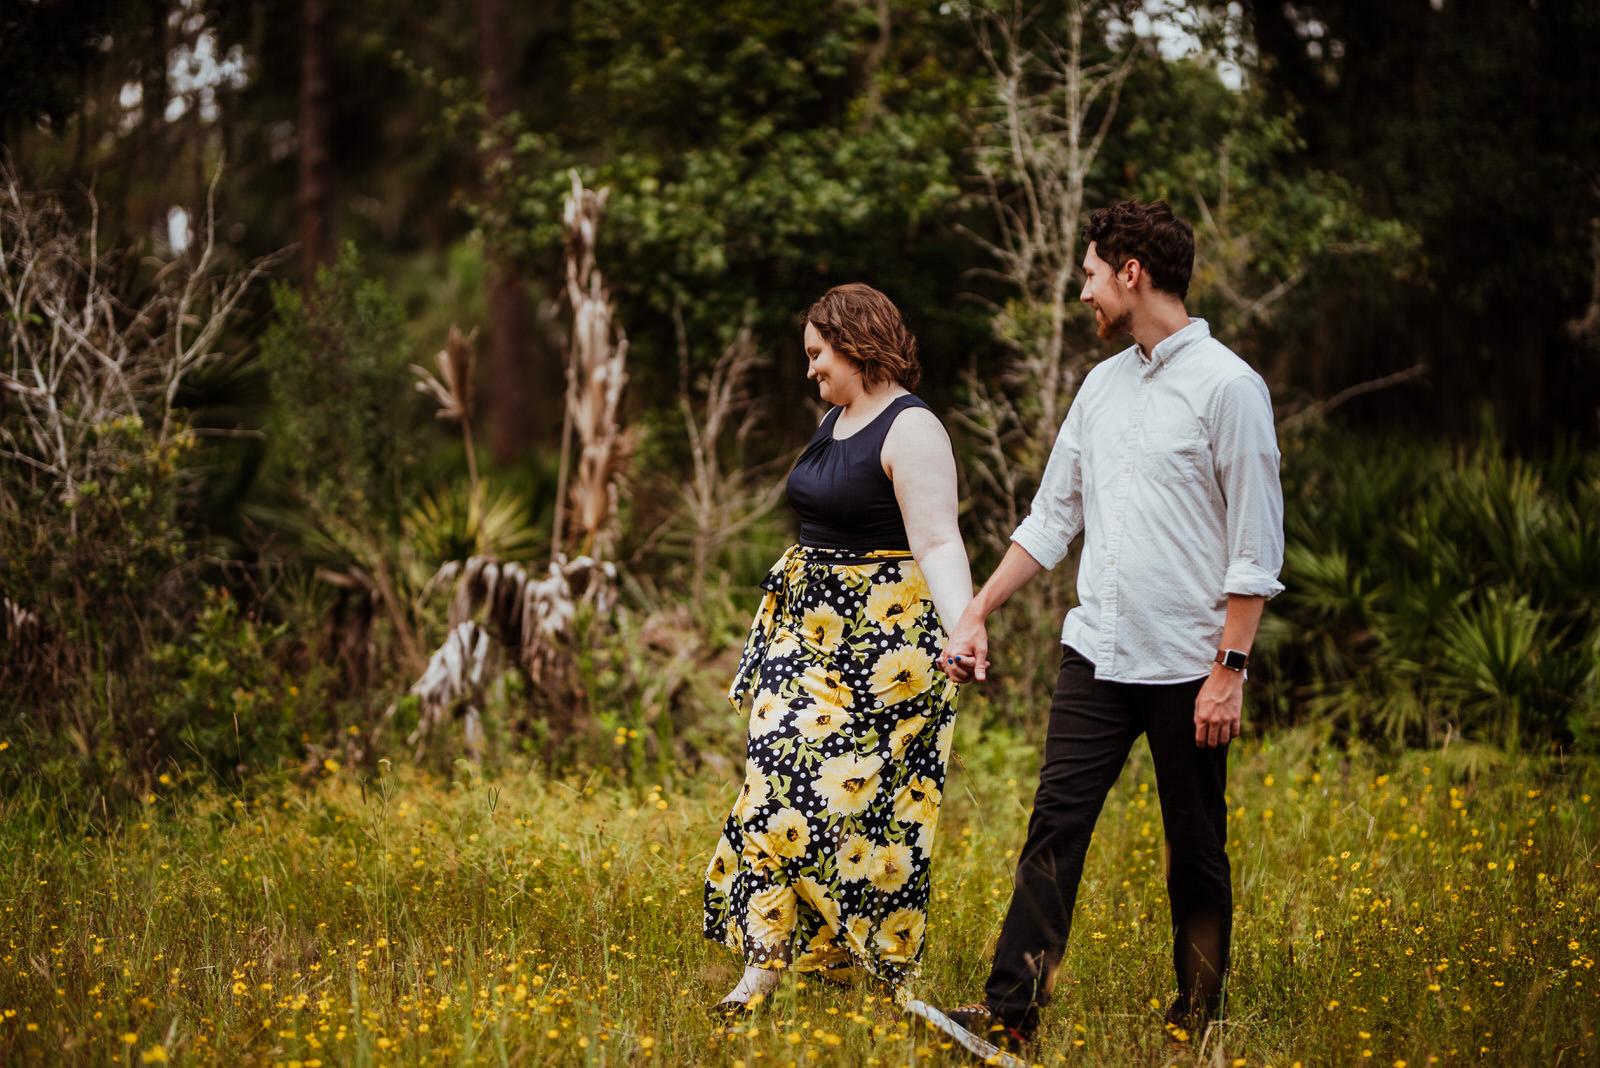 Amanda&Dylan'sEngagement44.jpg